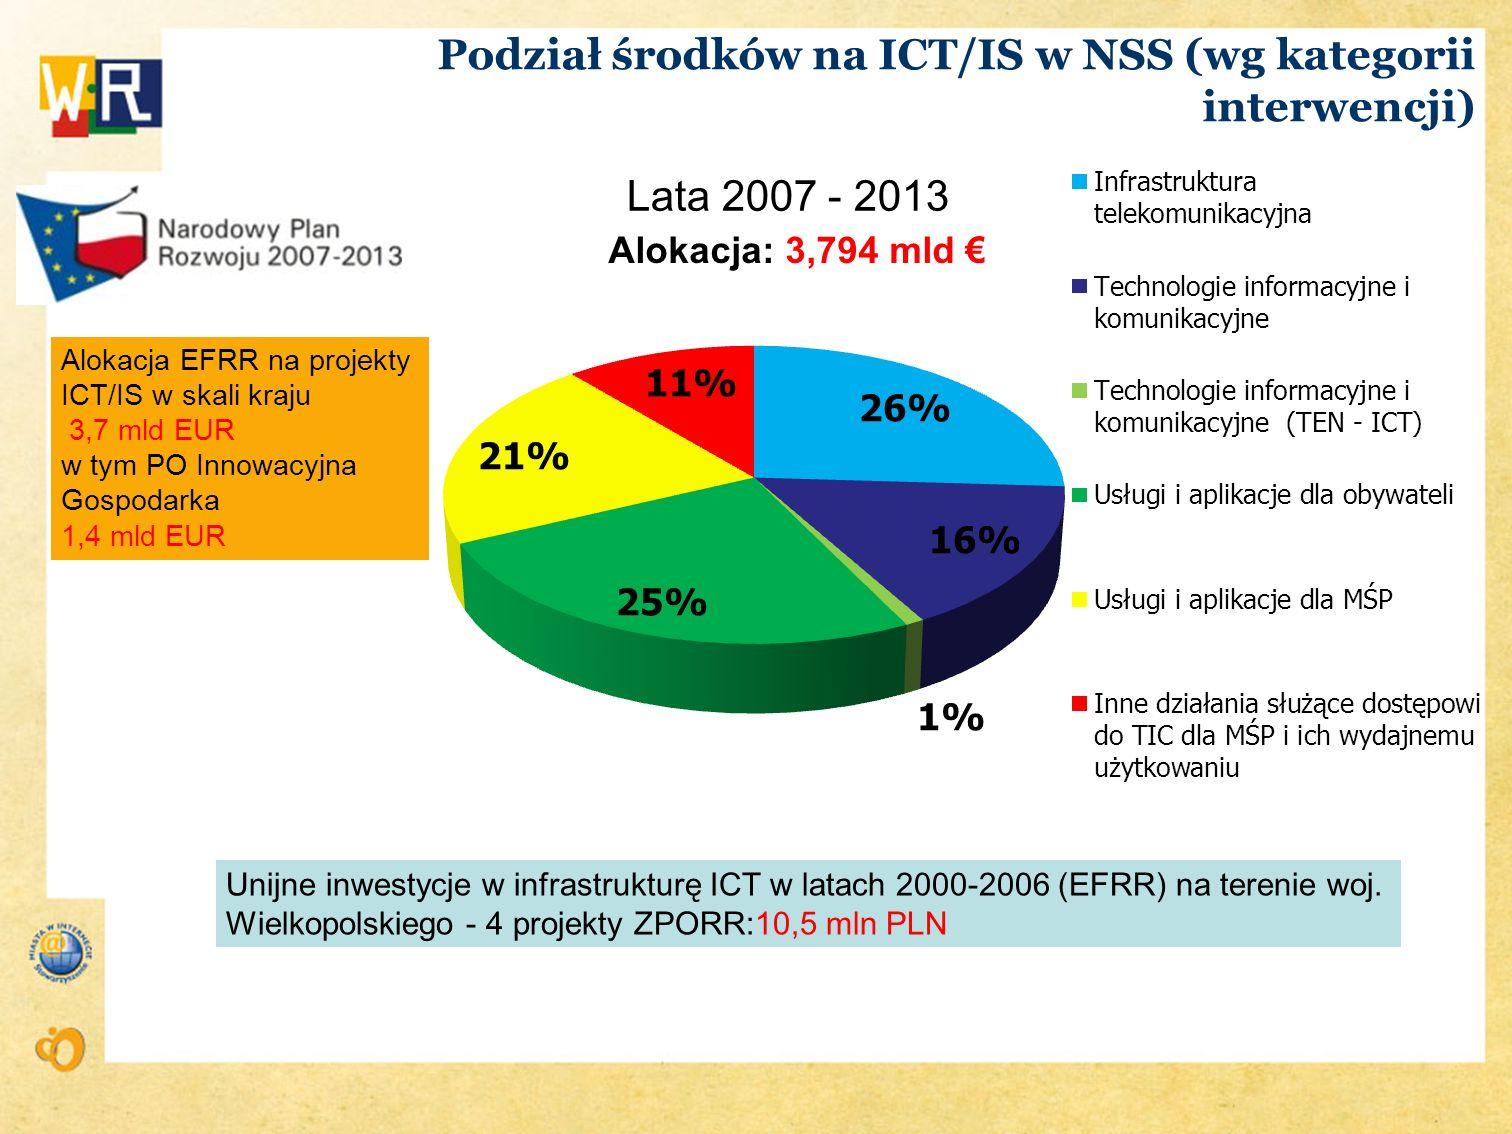 Podział środków na ICT/IS w NSS (wg kategorii interwencji)